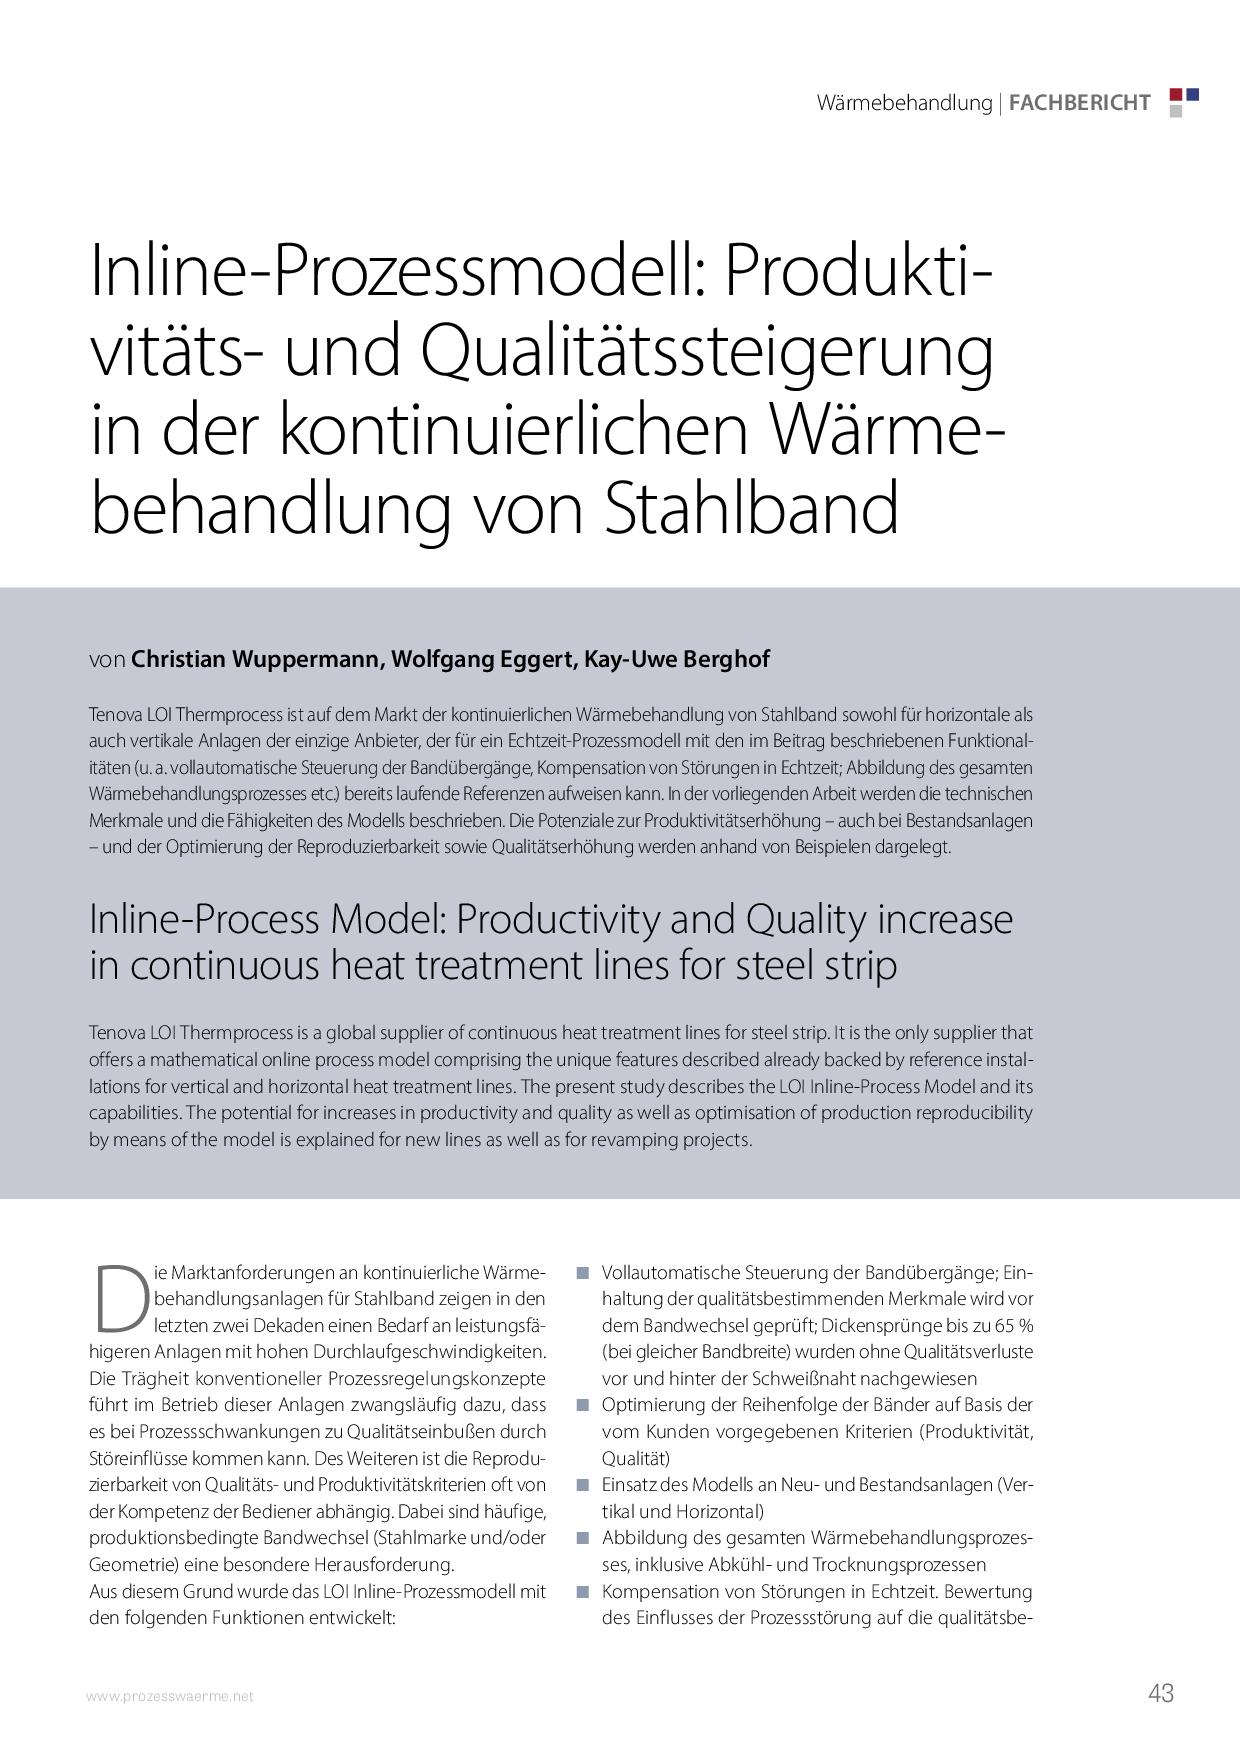 Inline-Prozessmodell: Produktivitäts- und Qualitätssteigerung in der kontinuierlichen Wärmebehandlung von Stahlband